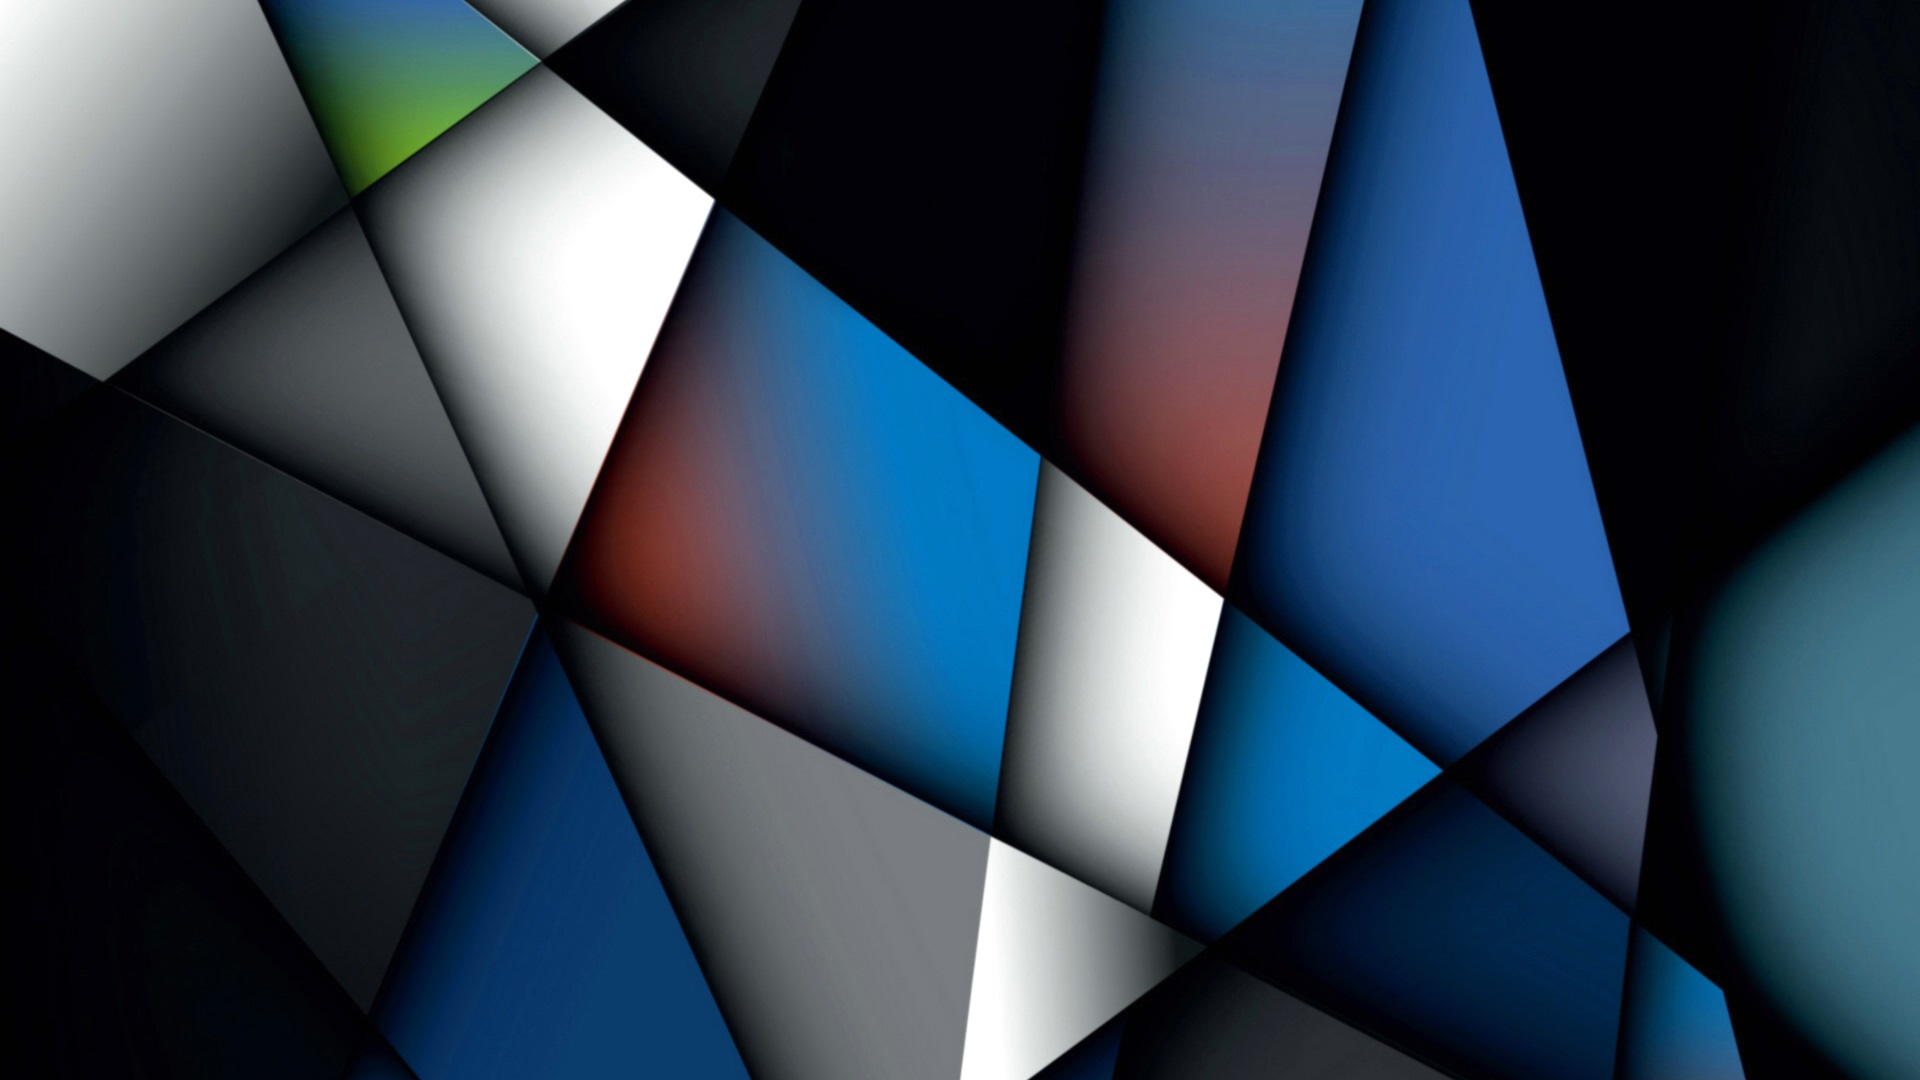 壁紙 ステンドグラス 影 抽象 1920x1080 Full Hd 2k 無料の